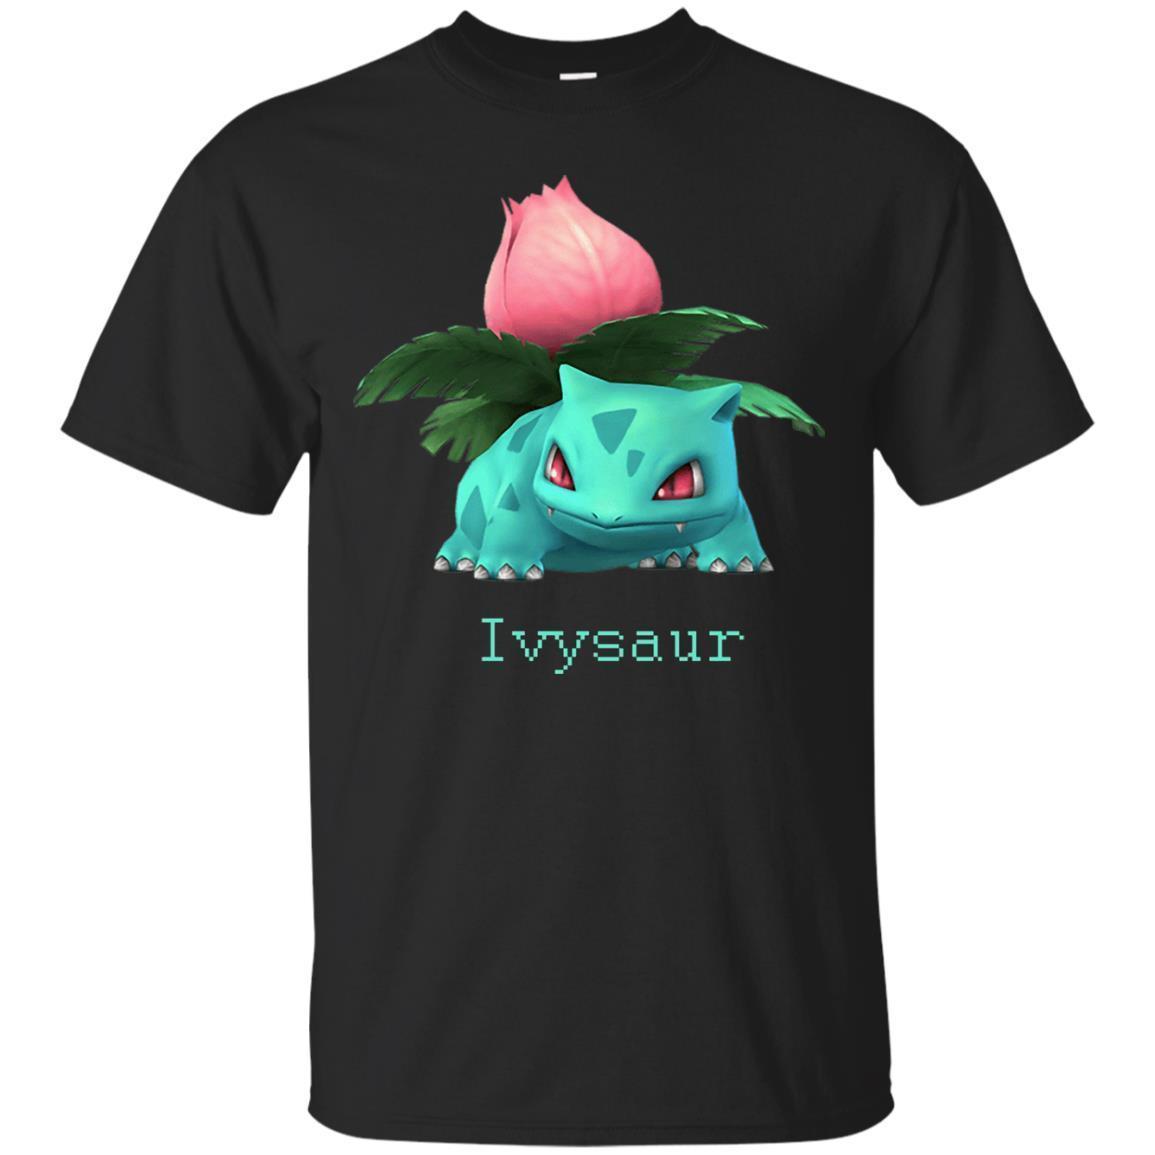 Ivysaur Wonderful T-Shirt New Hot